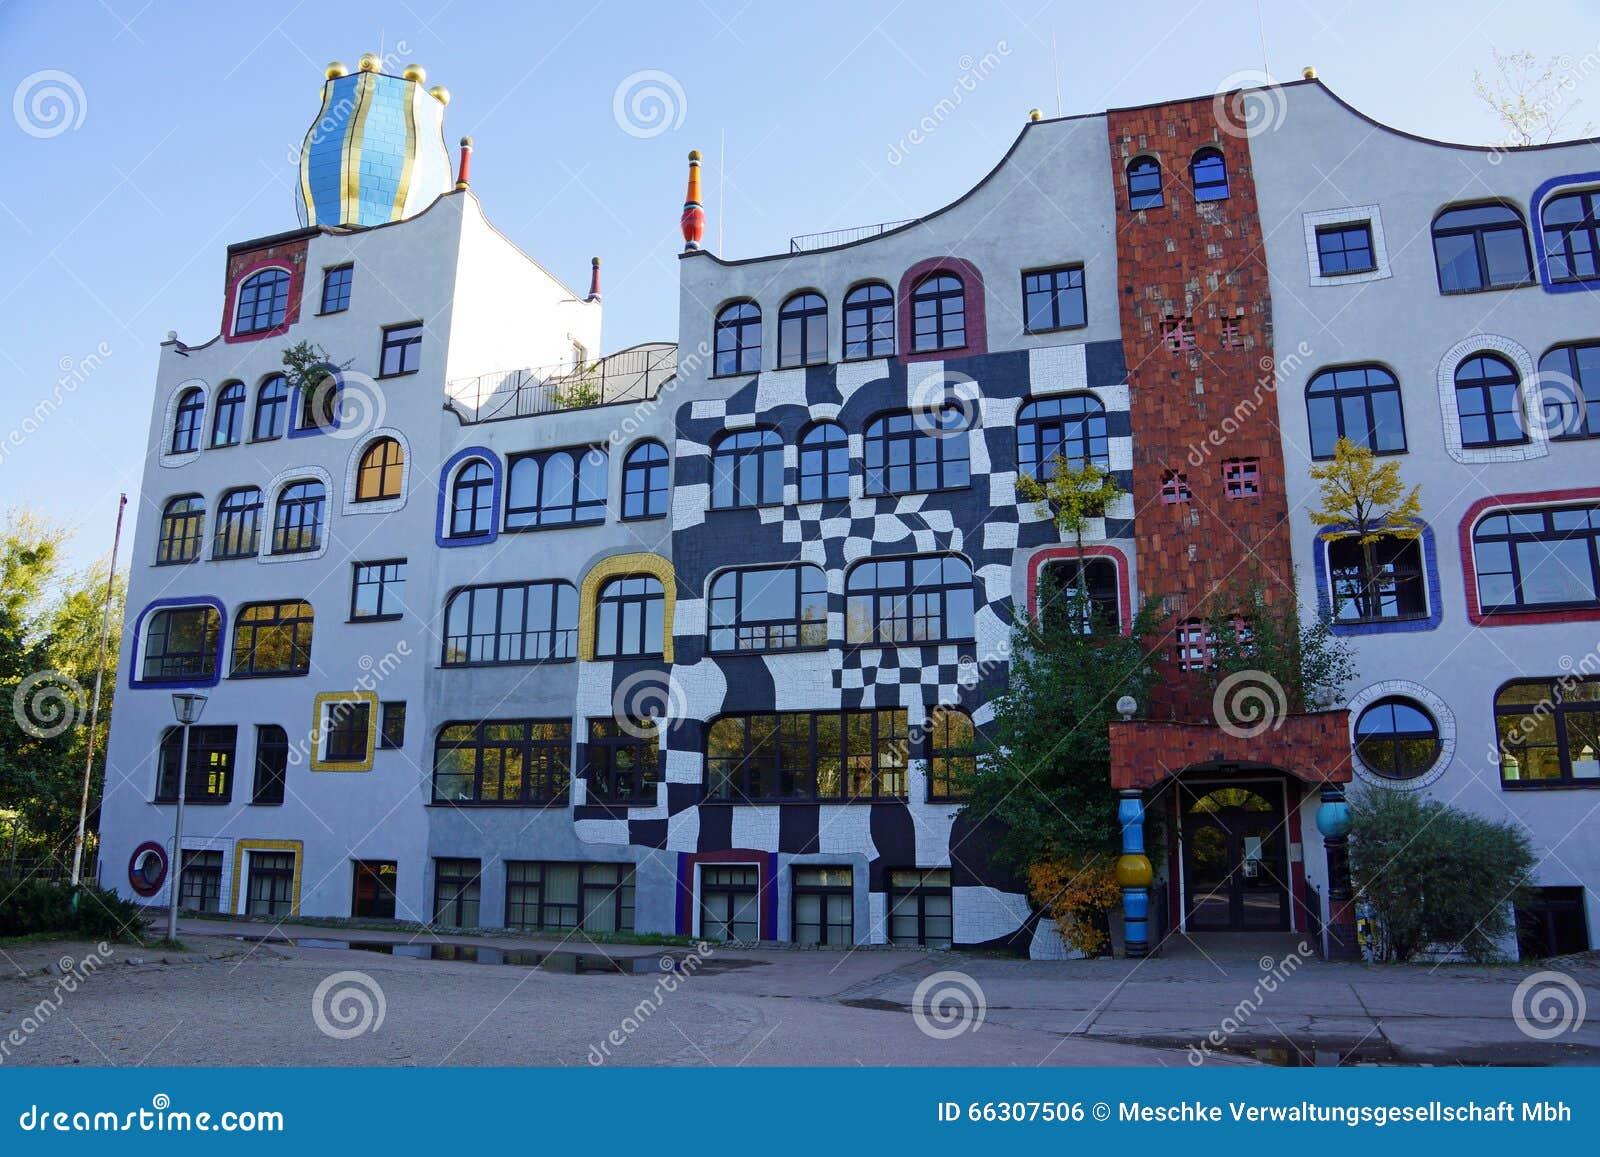 Дизайн школа в германии